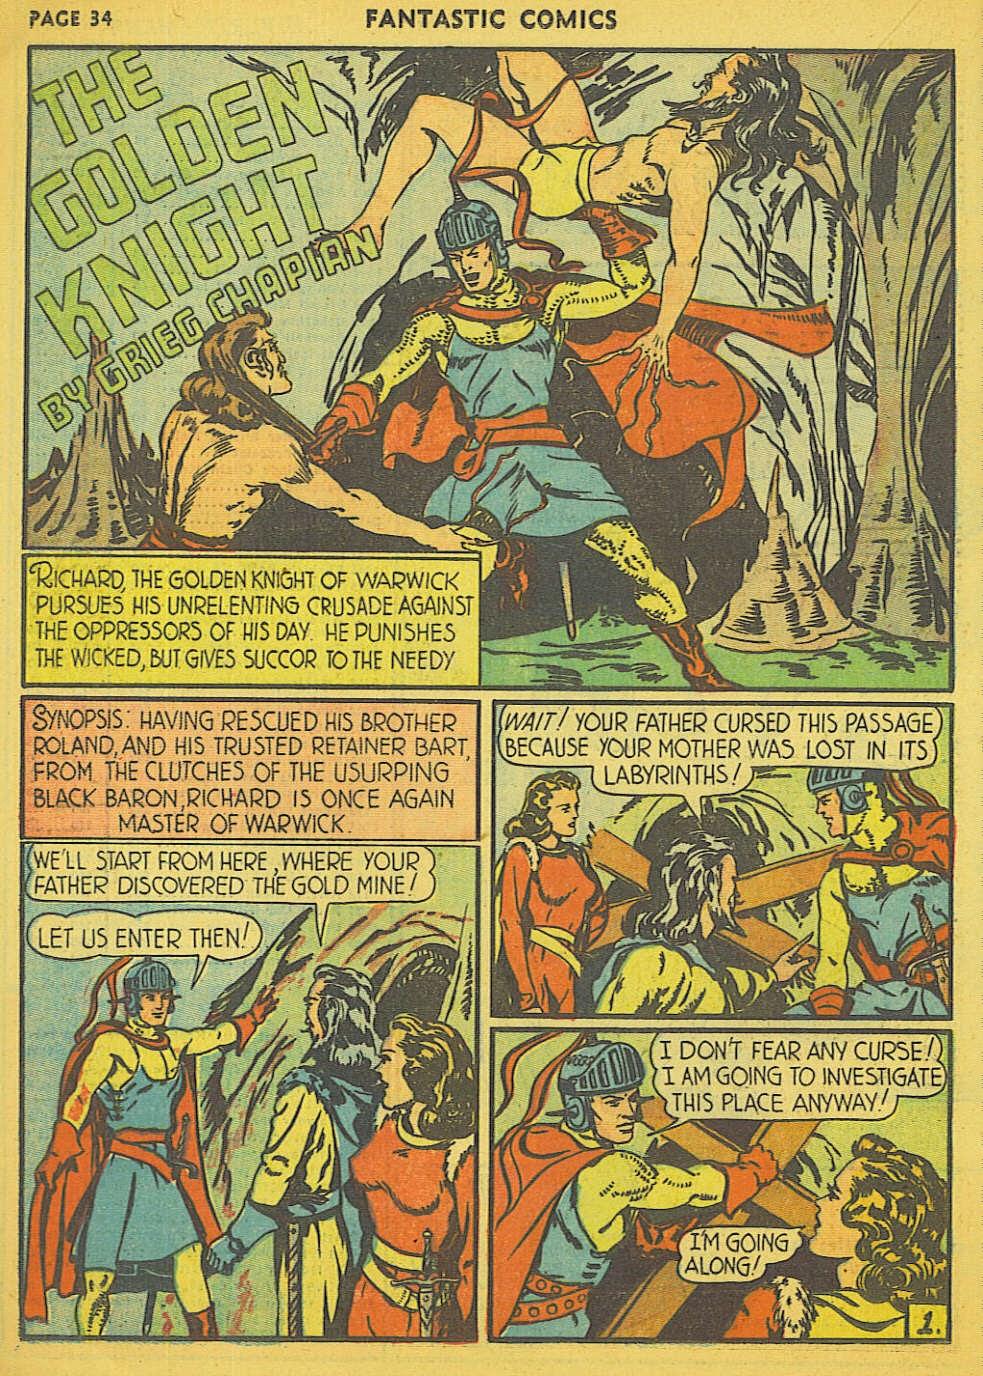 Read online Fantastic Comics comic -  Issue #15 - 27